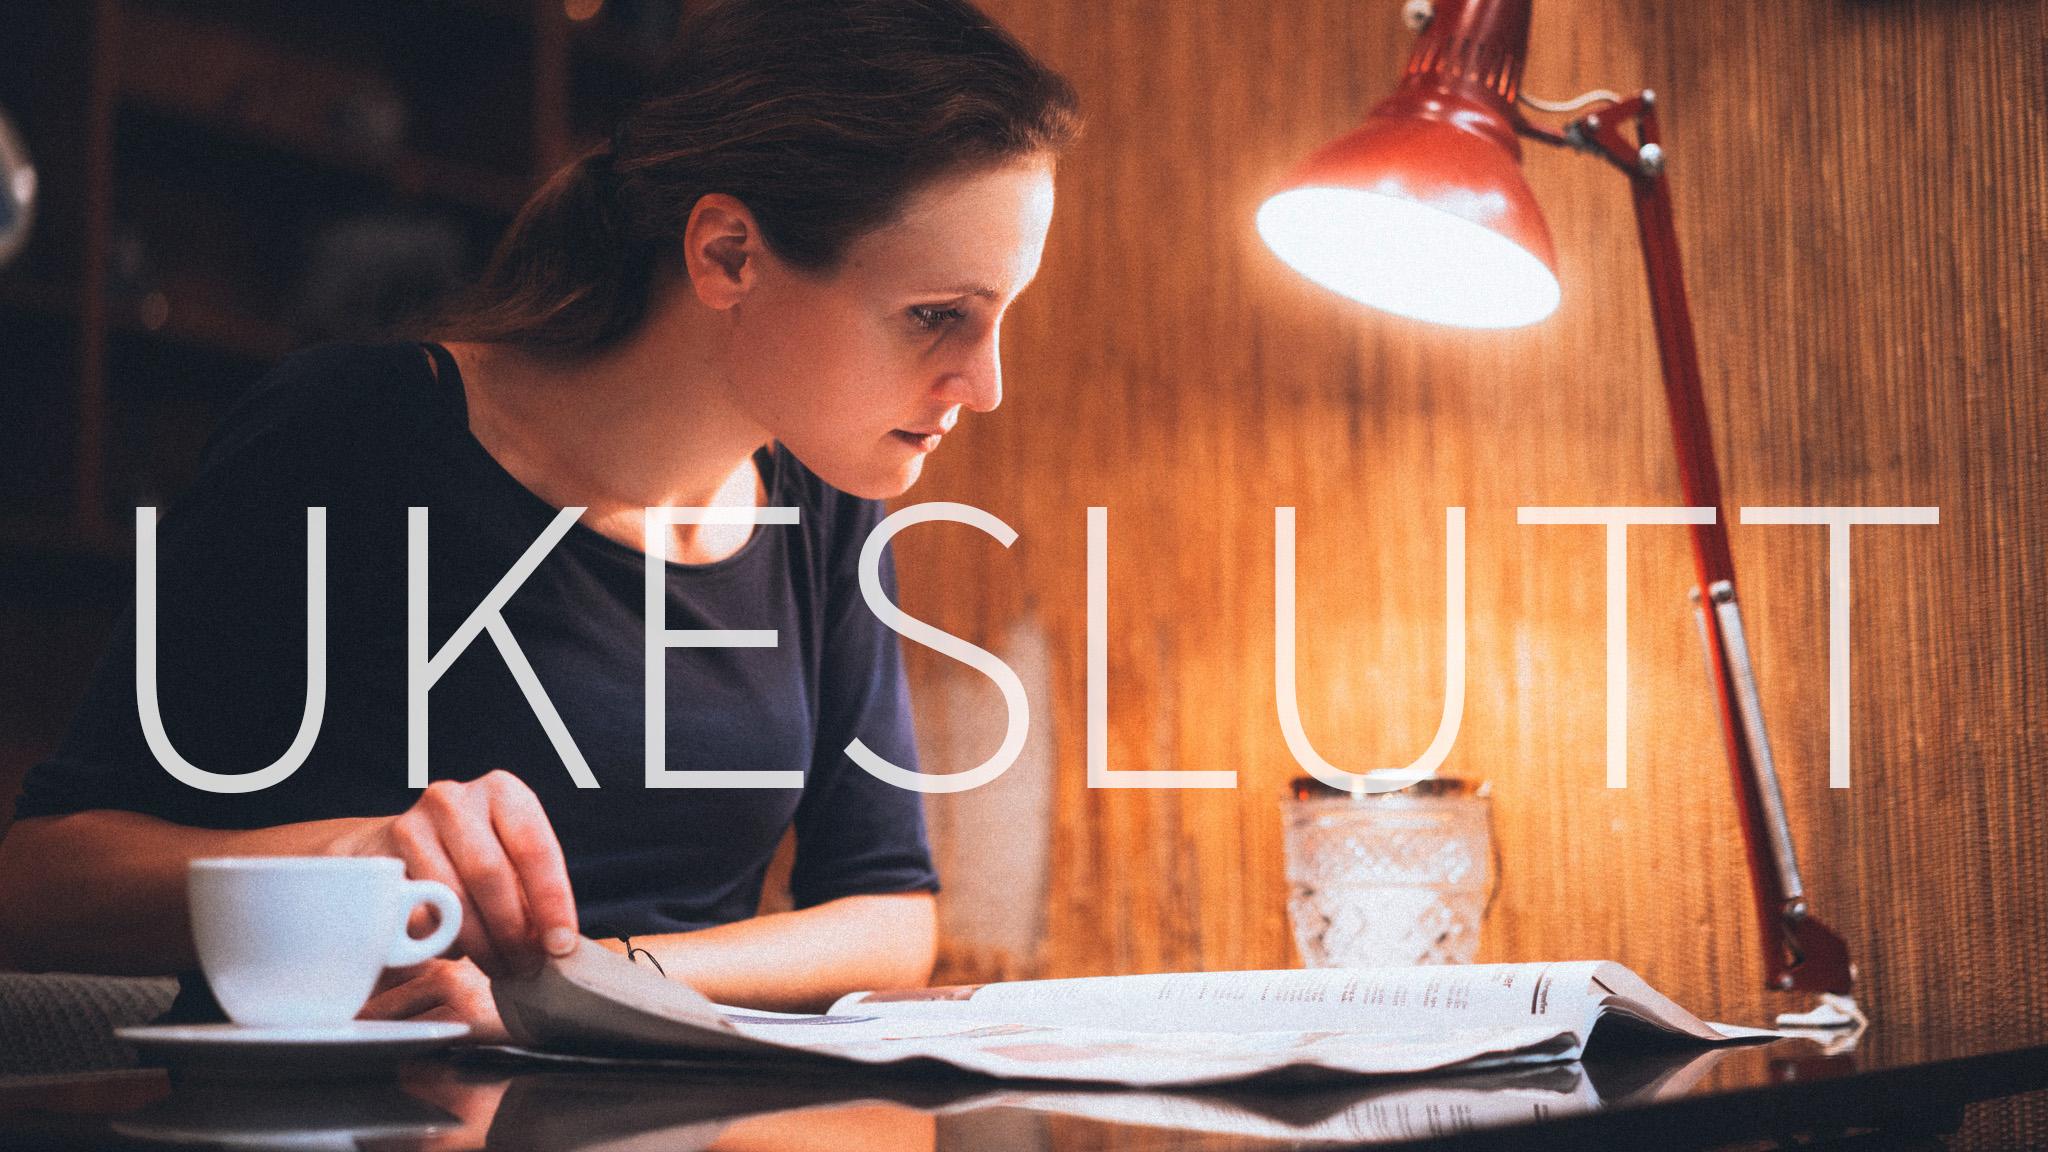 """En kvinne leser en avis på en kafe. Over bildet står teksten """"Ukeslutt""""."""